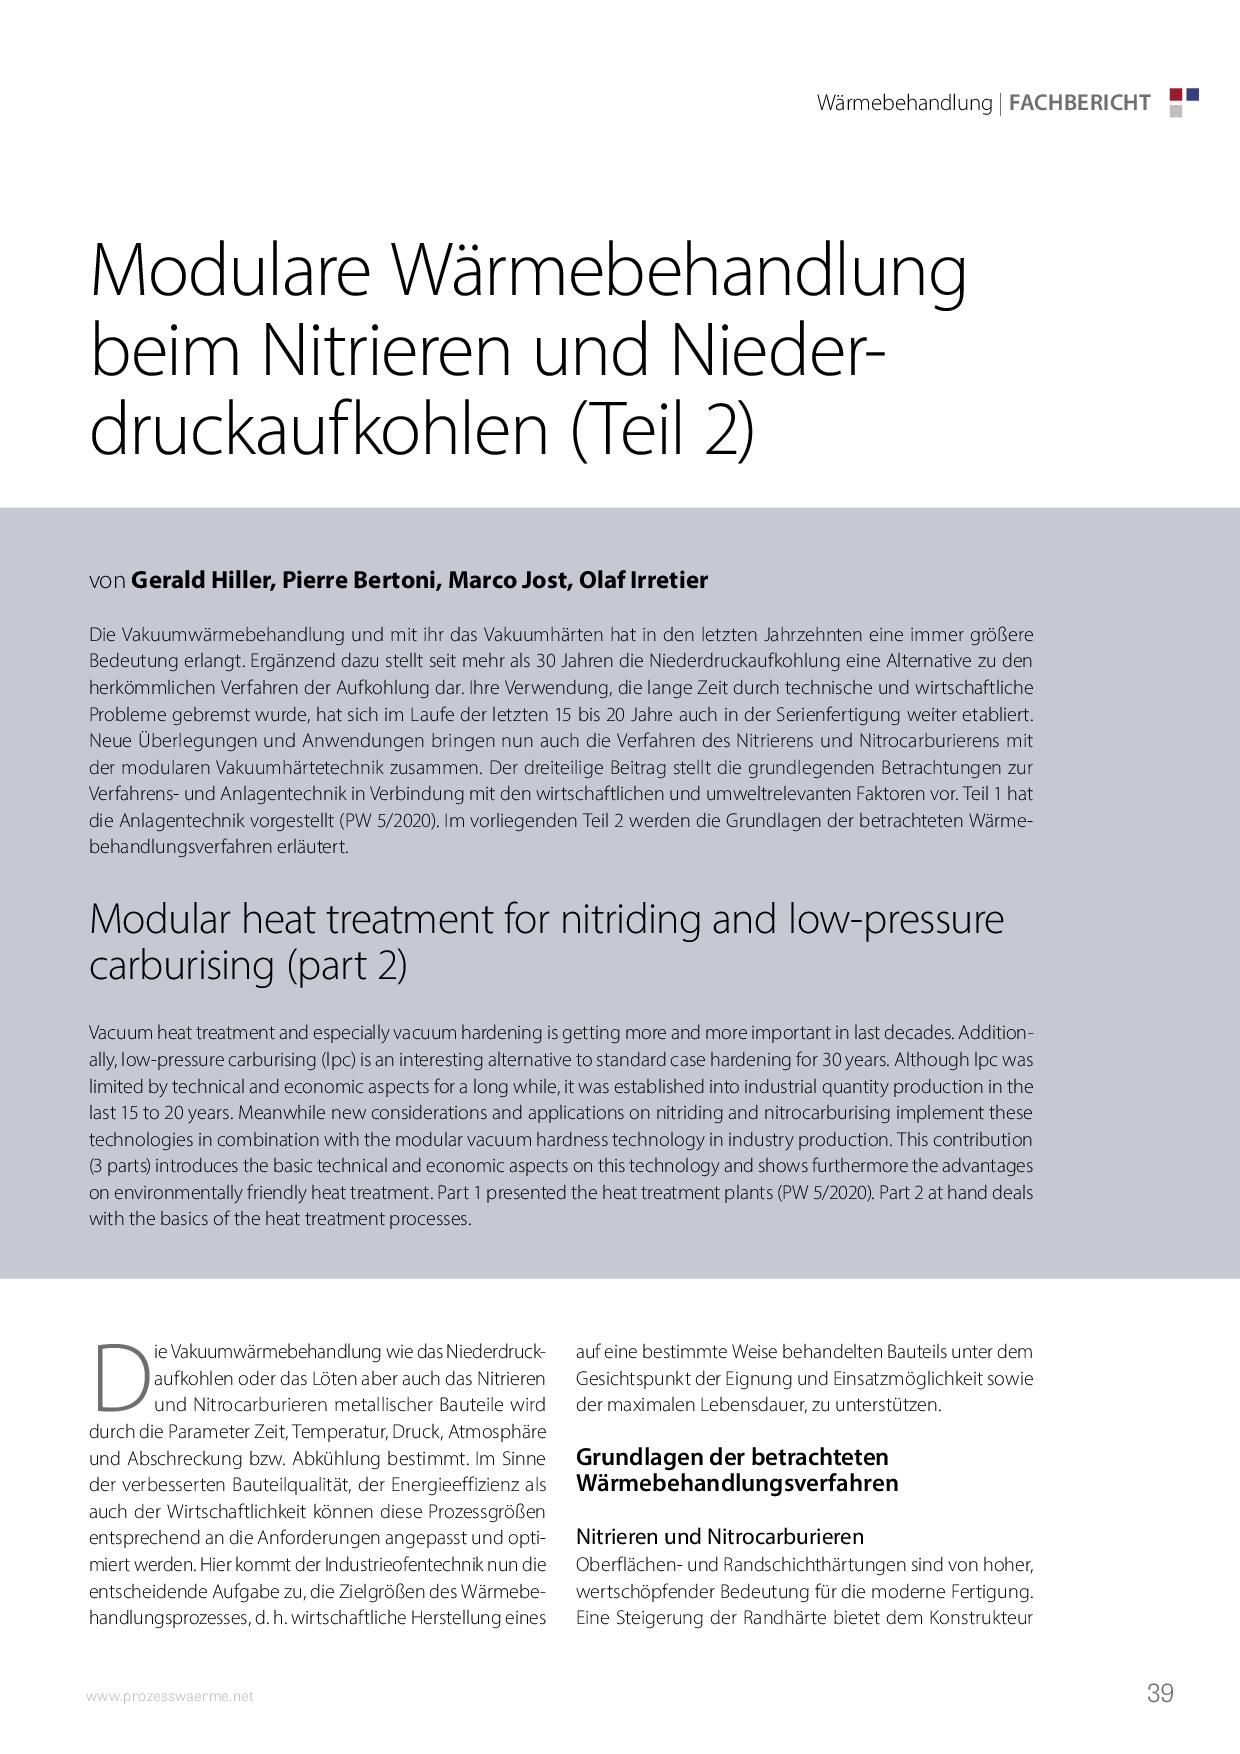 Modulare Wärmebehandlung beim Nitrieren und Niederdruckaufkohlen (Teil 2)